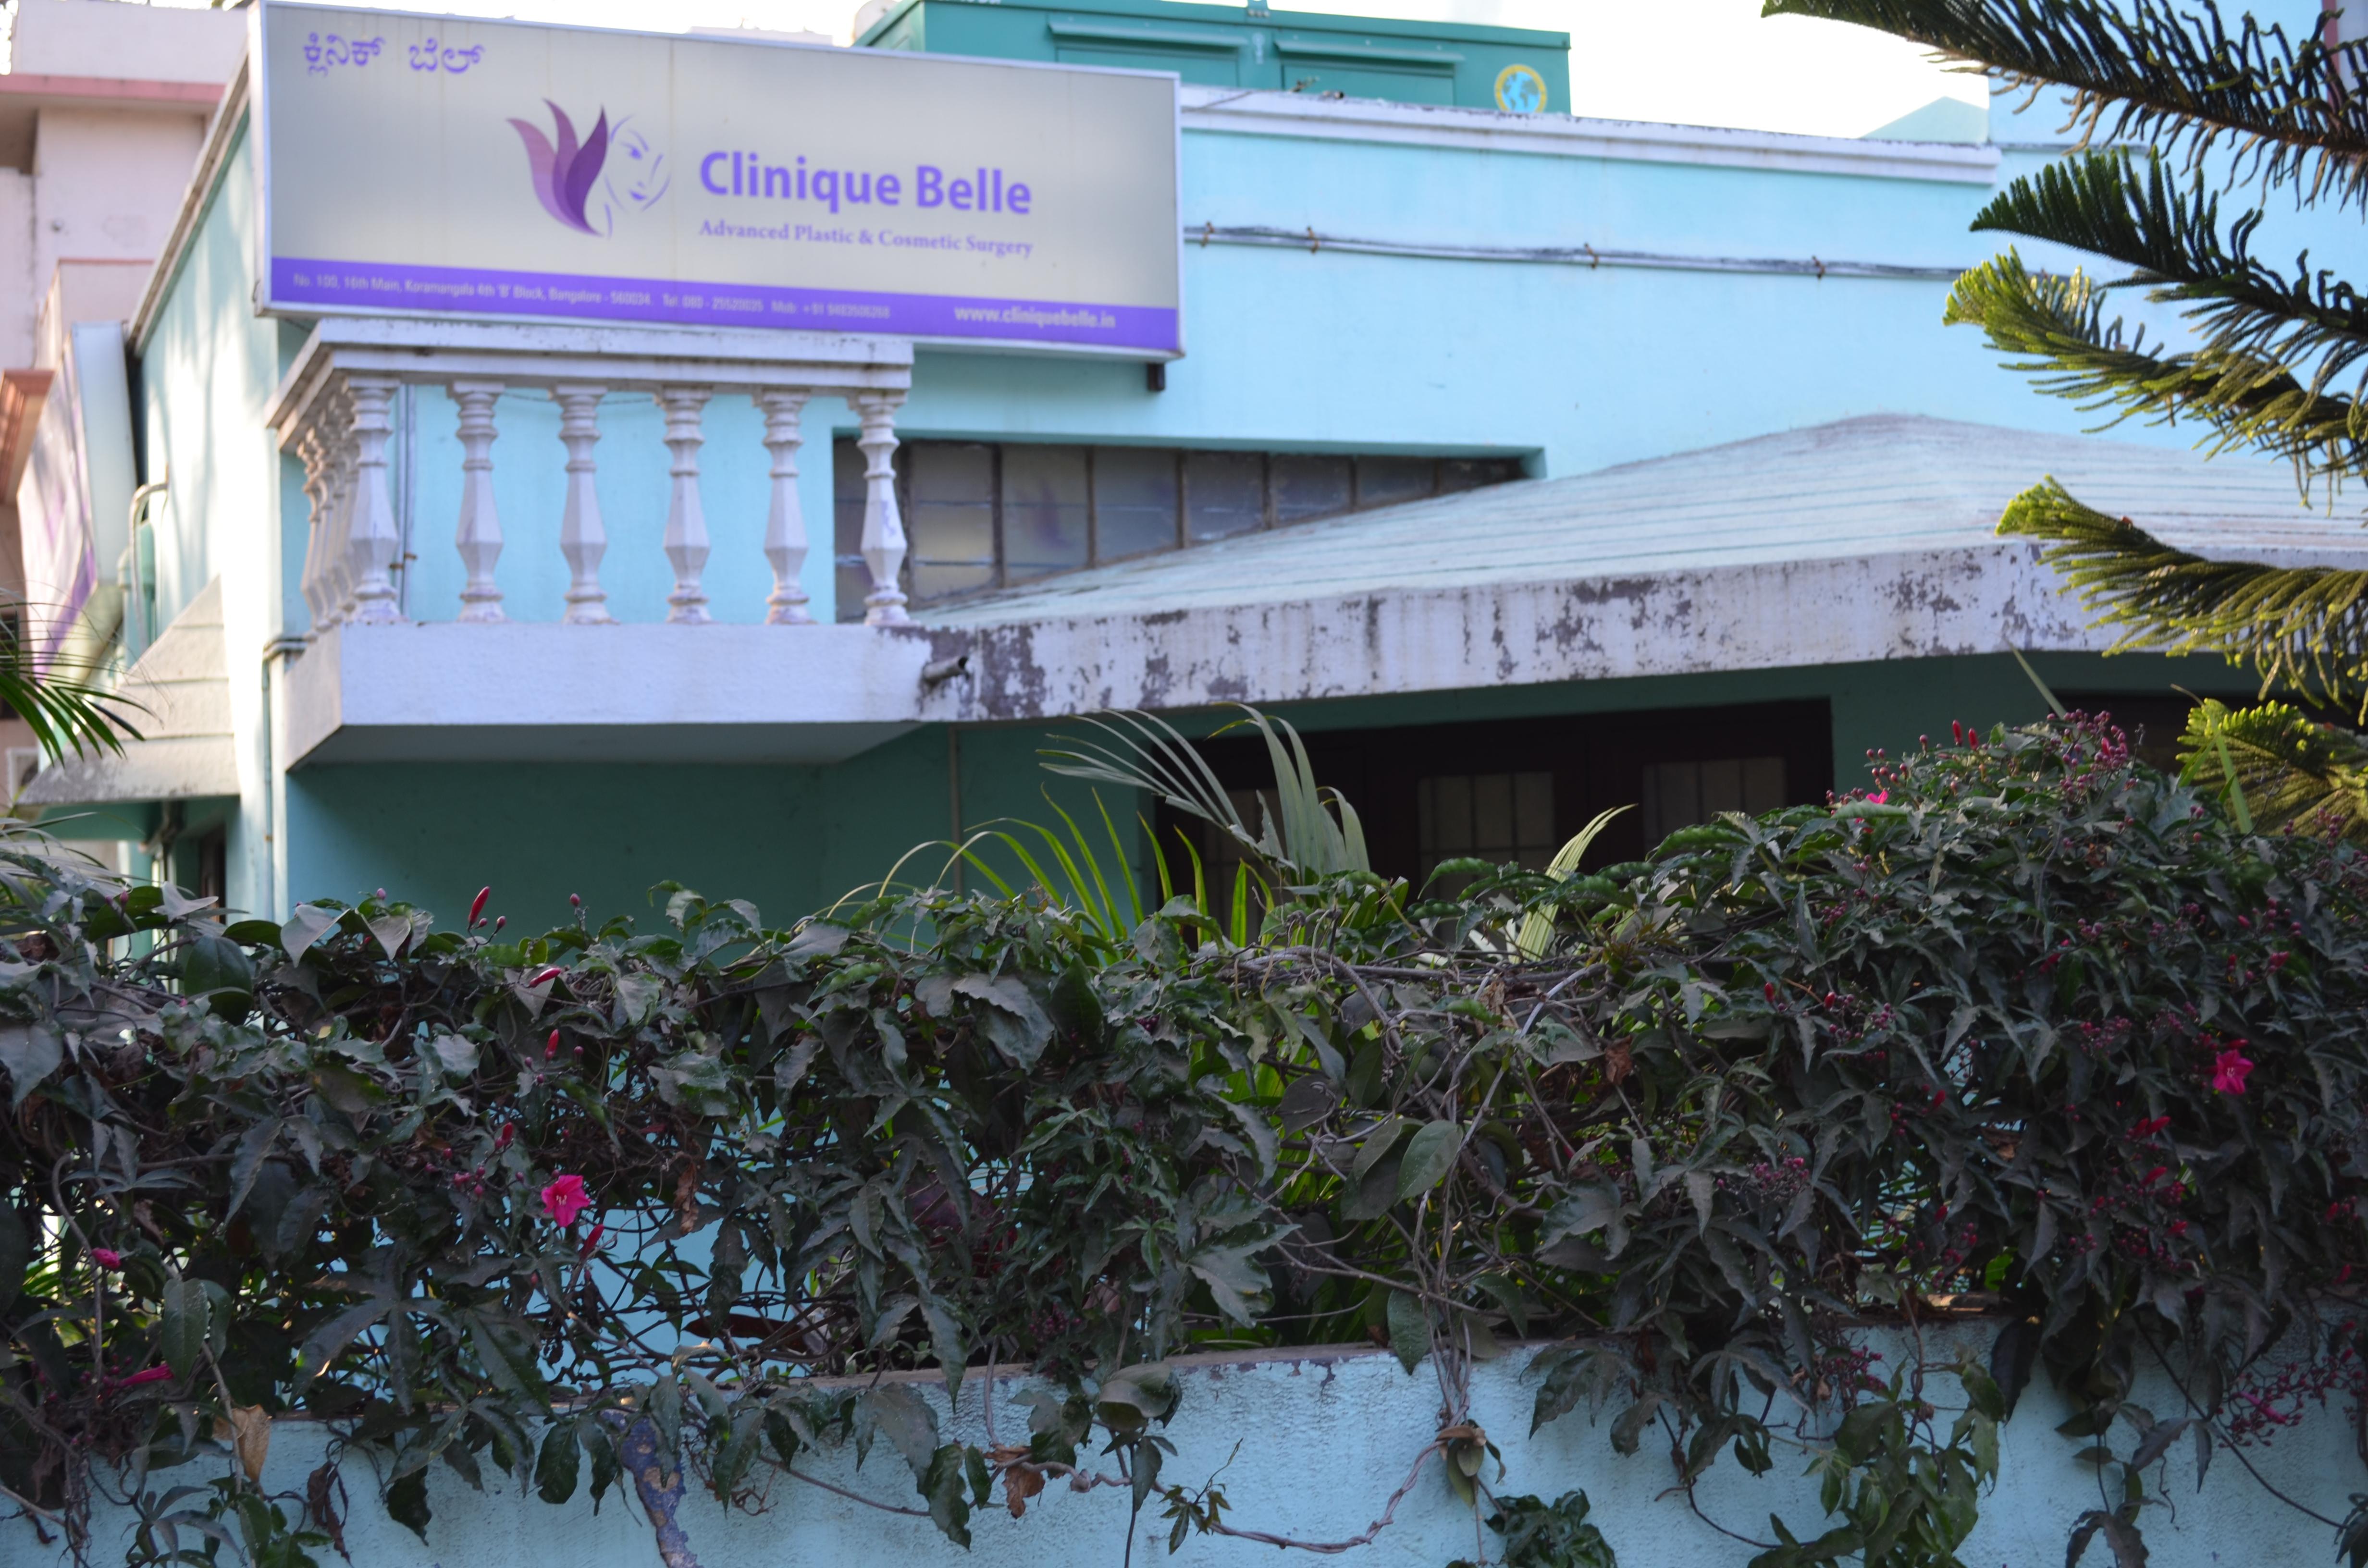 Clinique Belle